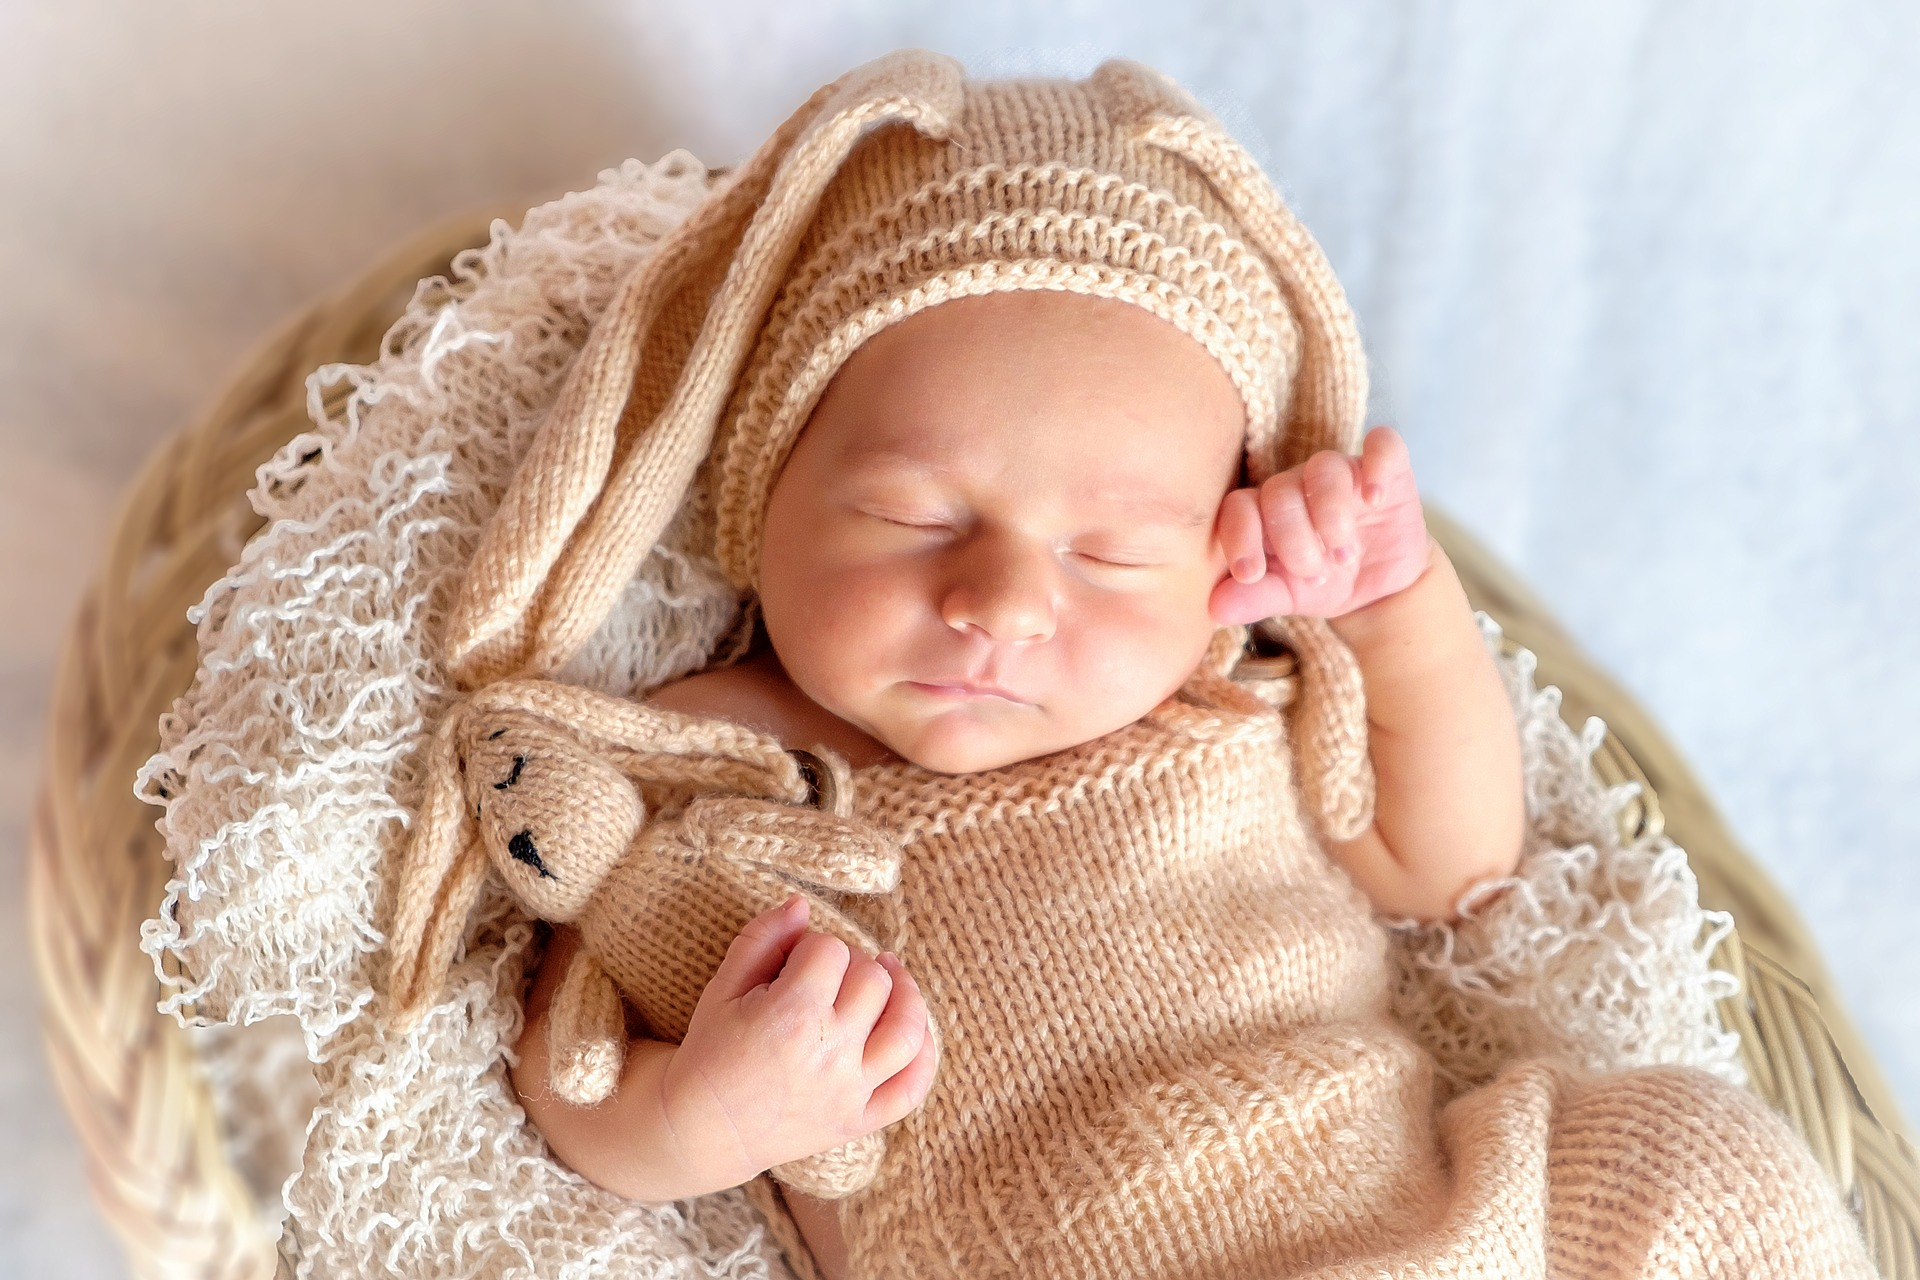 Baby Sleep - break the myths and help your baby sleep better